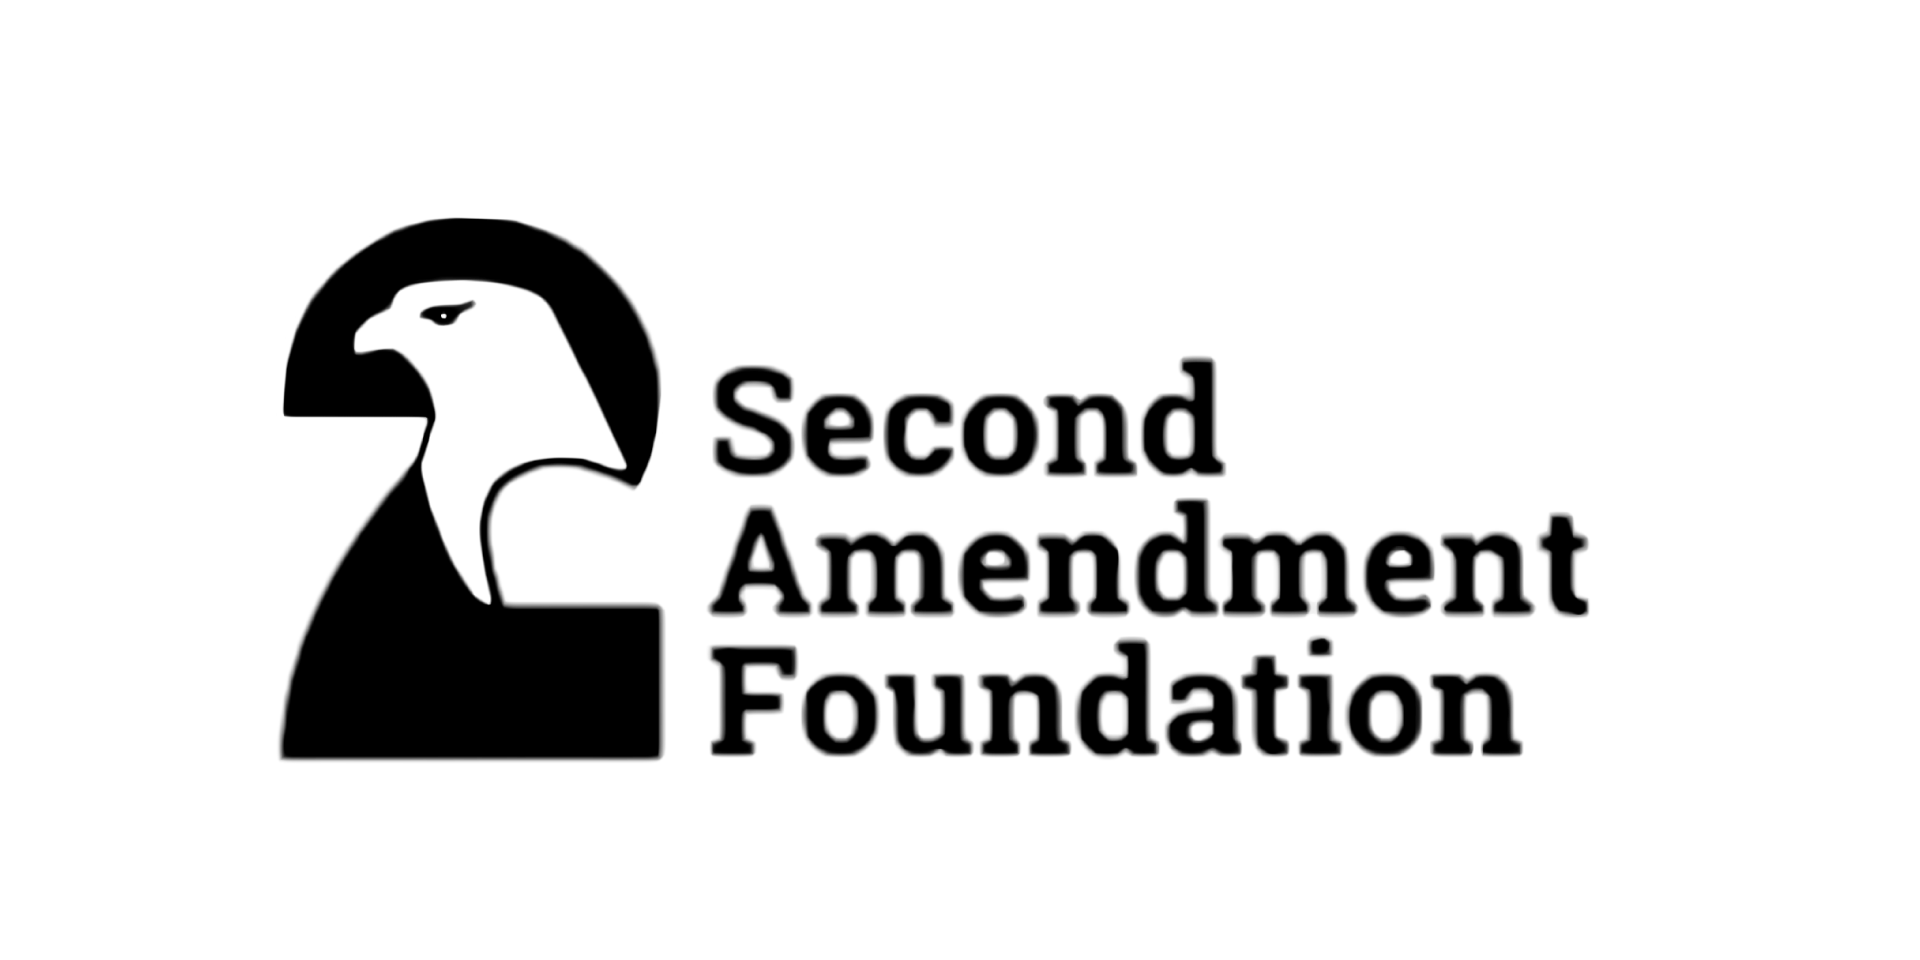 20210317 saf color logos black v1 winred